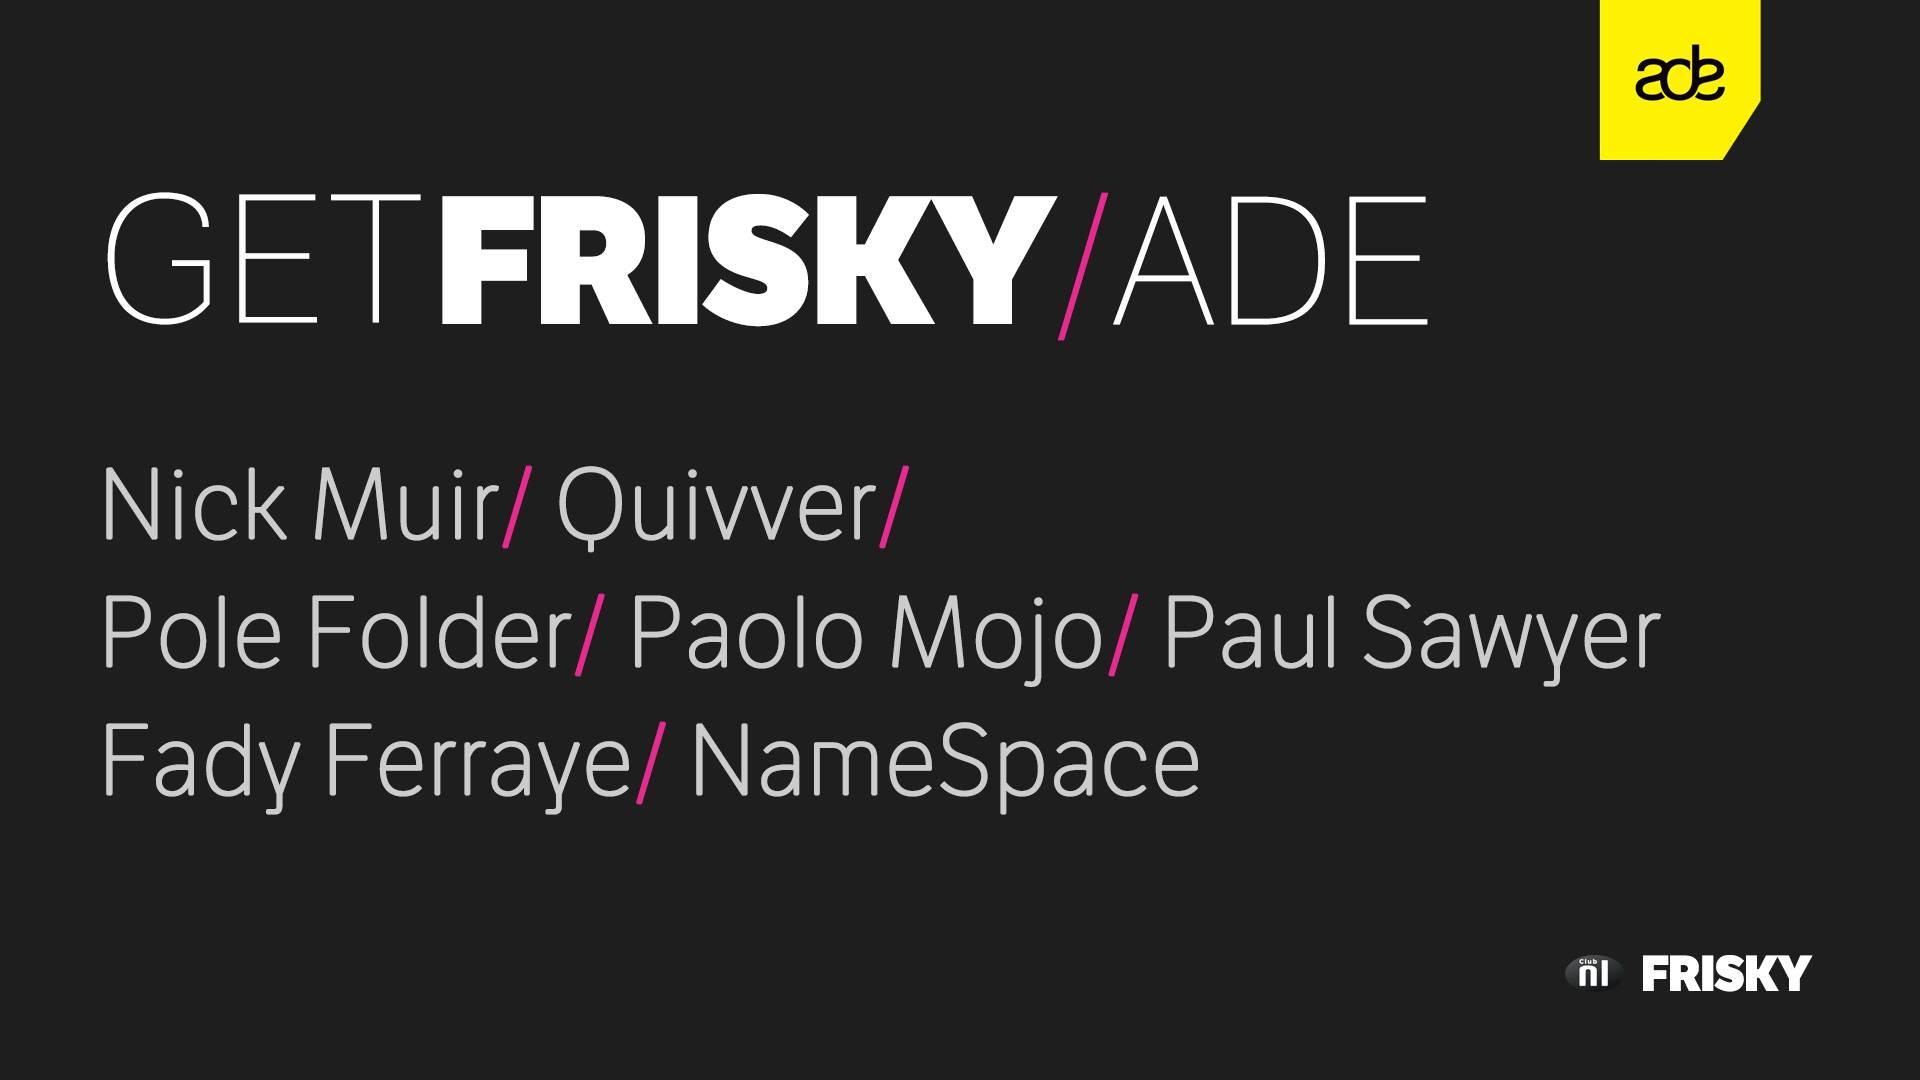 frisky fb cover